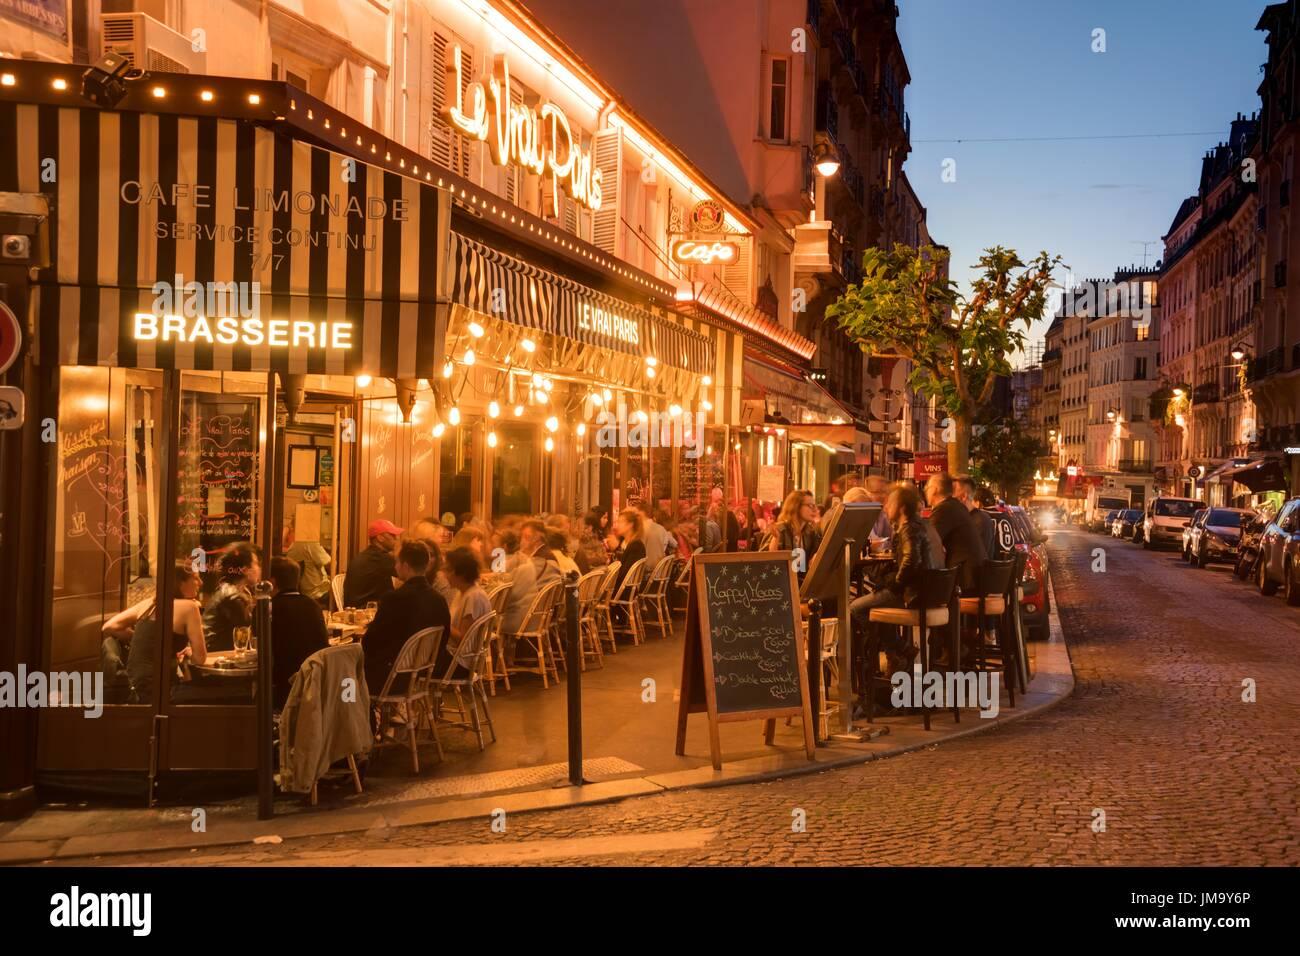 Restaurant Abesses Paris